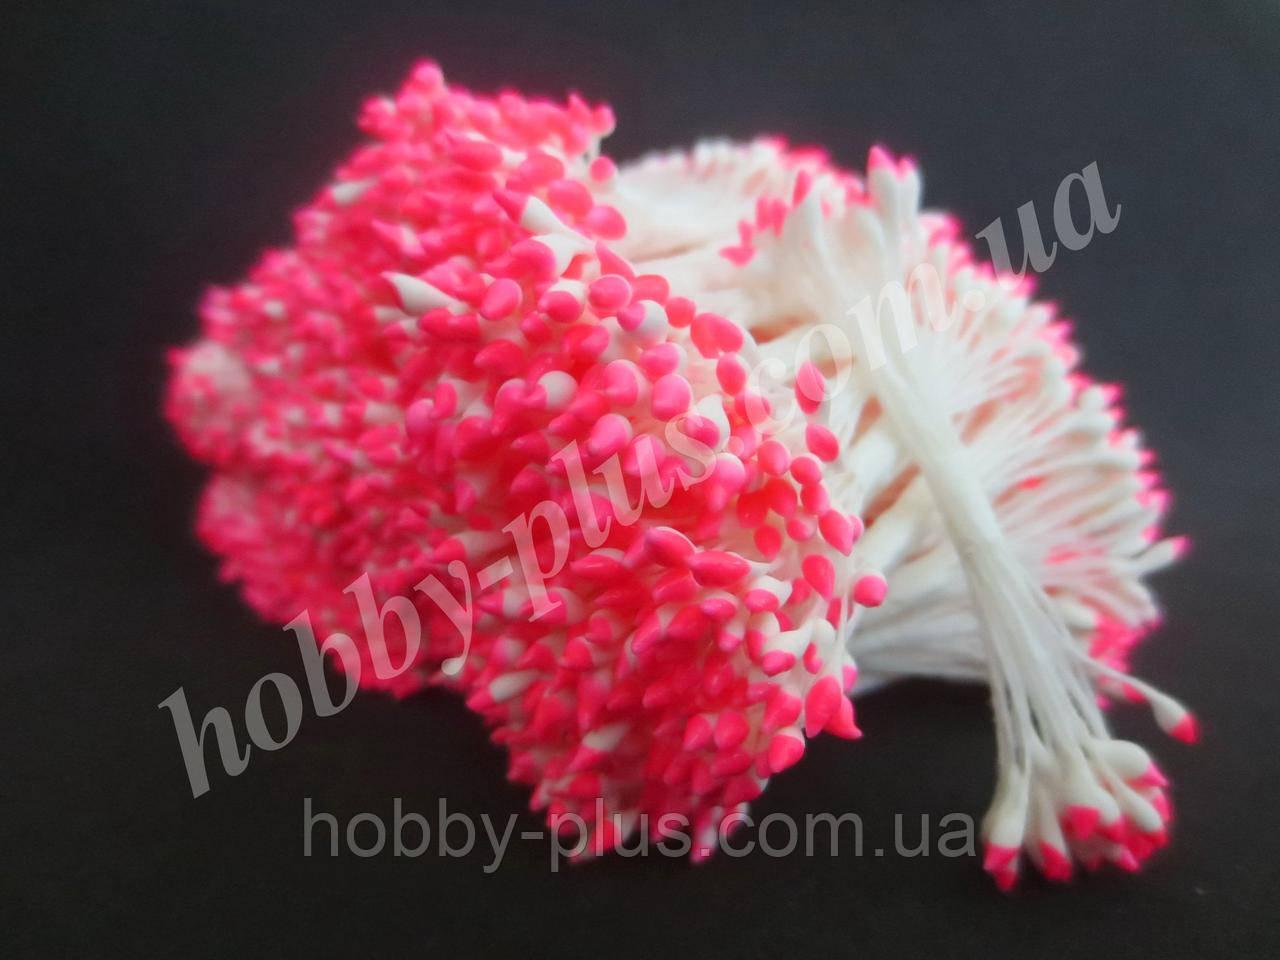 Тайские тычинки, РОЗОВО-БЕЛЫЕ, каплевидные на белой нити,  23-25 нитей, 50 головок